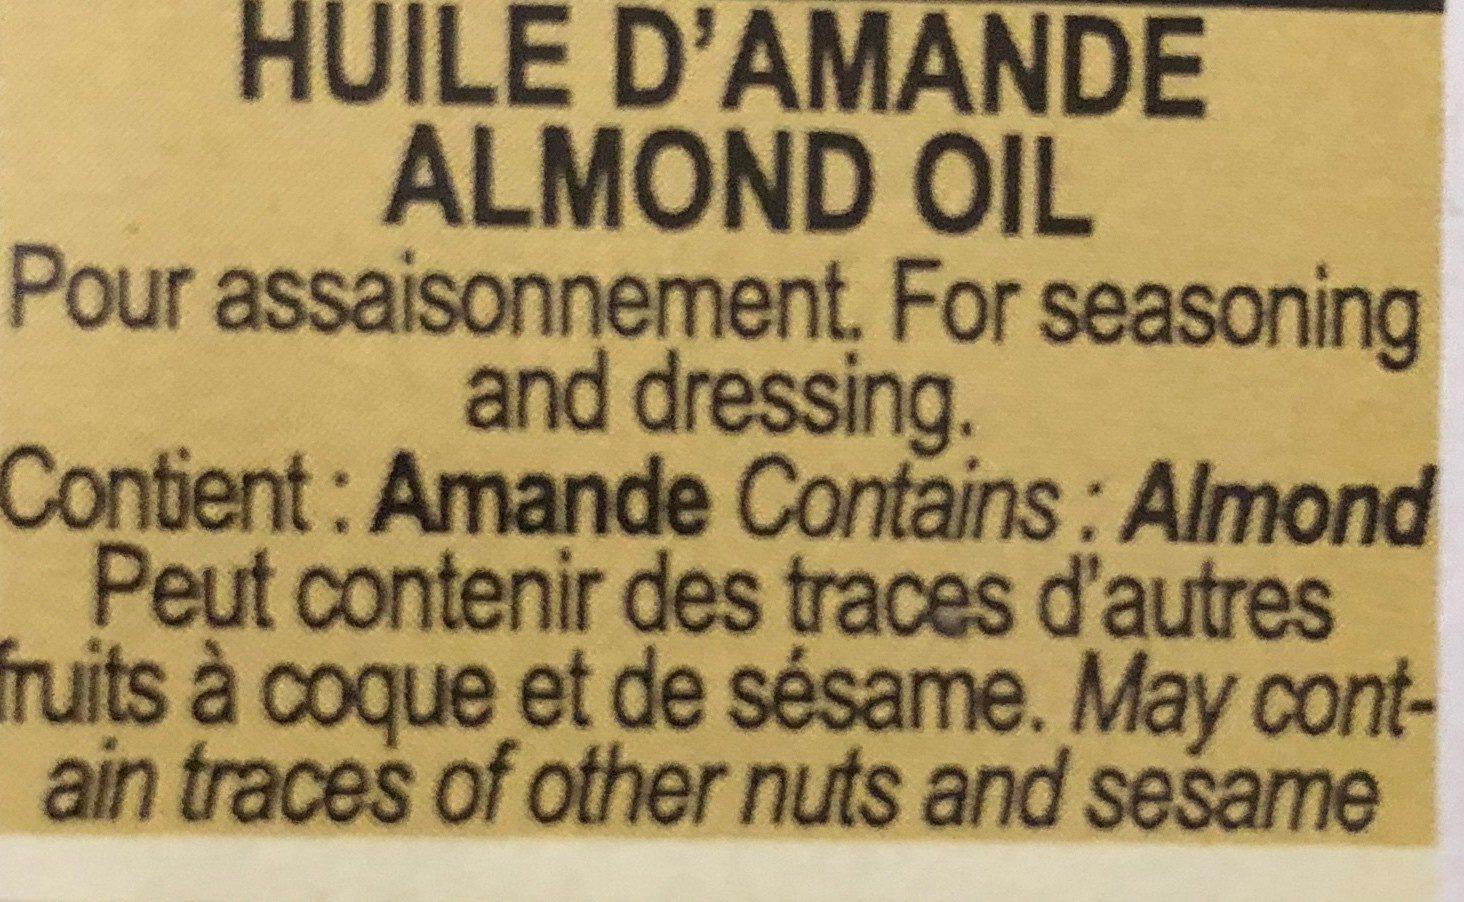 Huile d'amande - Ingredients - fr